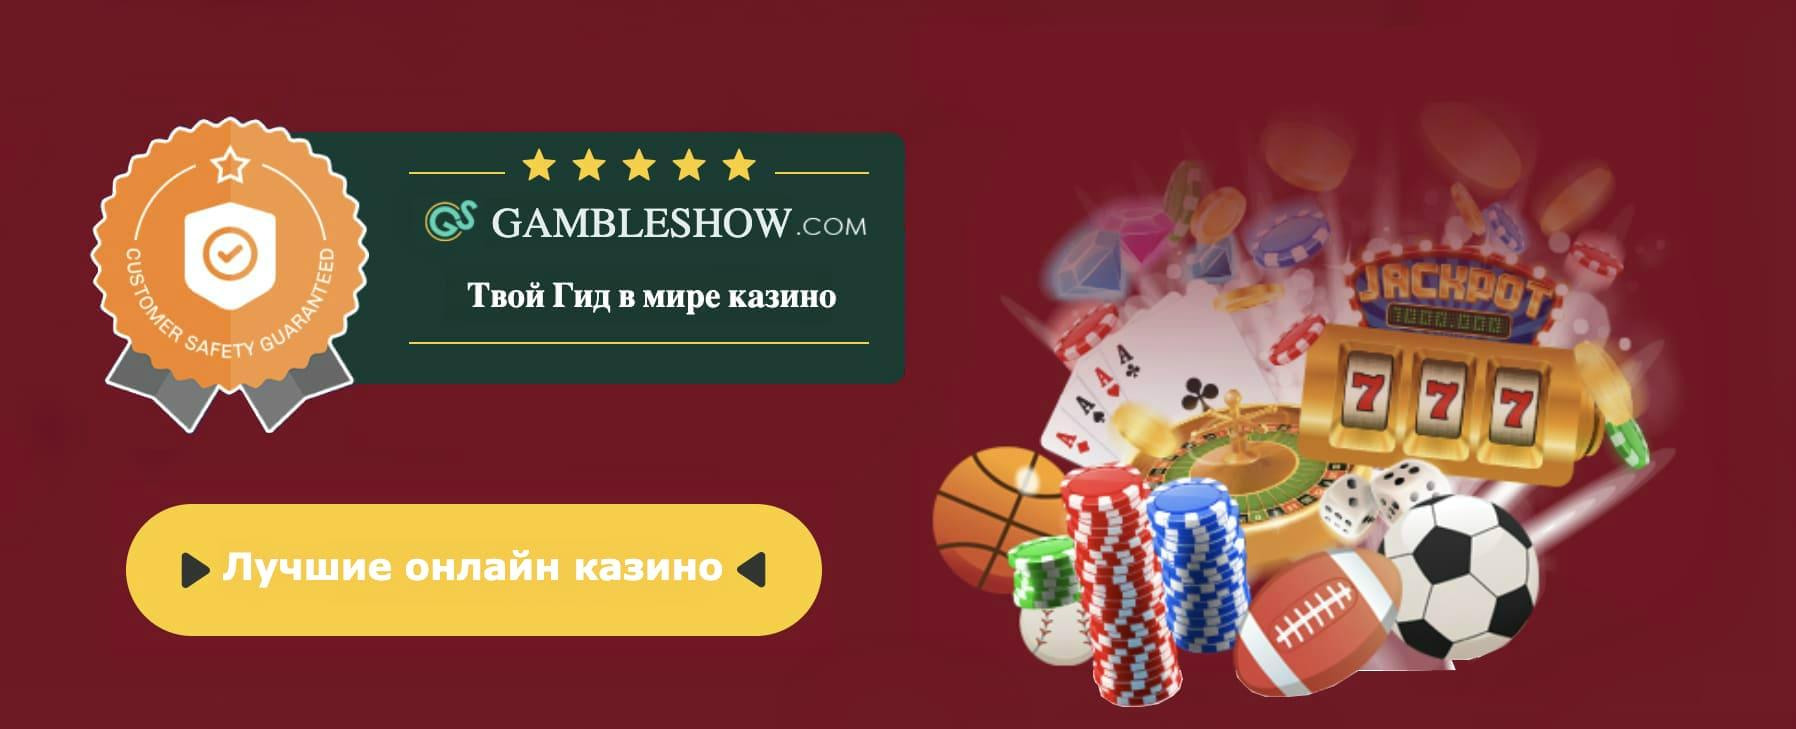 Бездепозитный бонус казино euromoon зеркало программное обеспечение для казино бесплатно